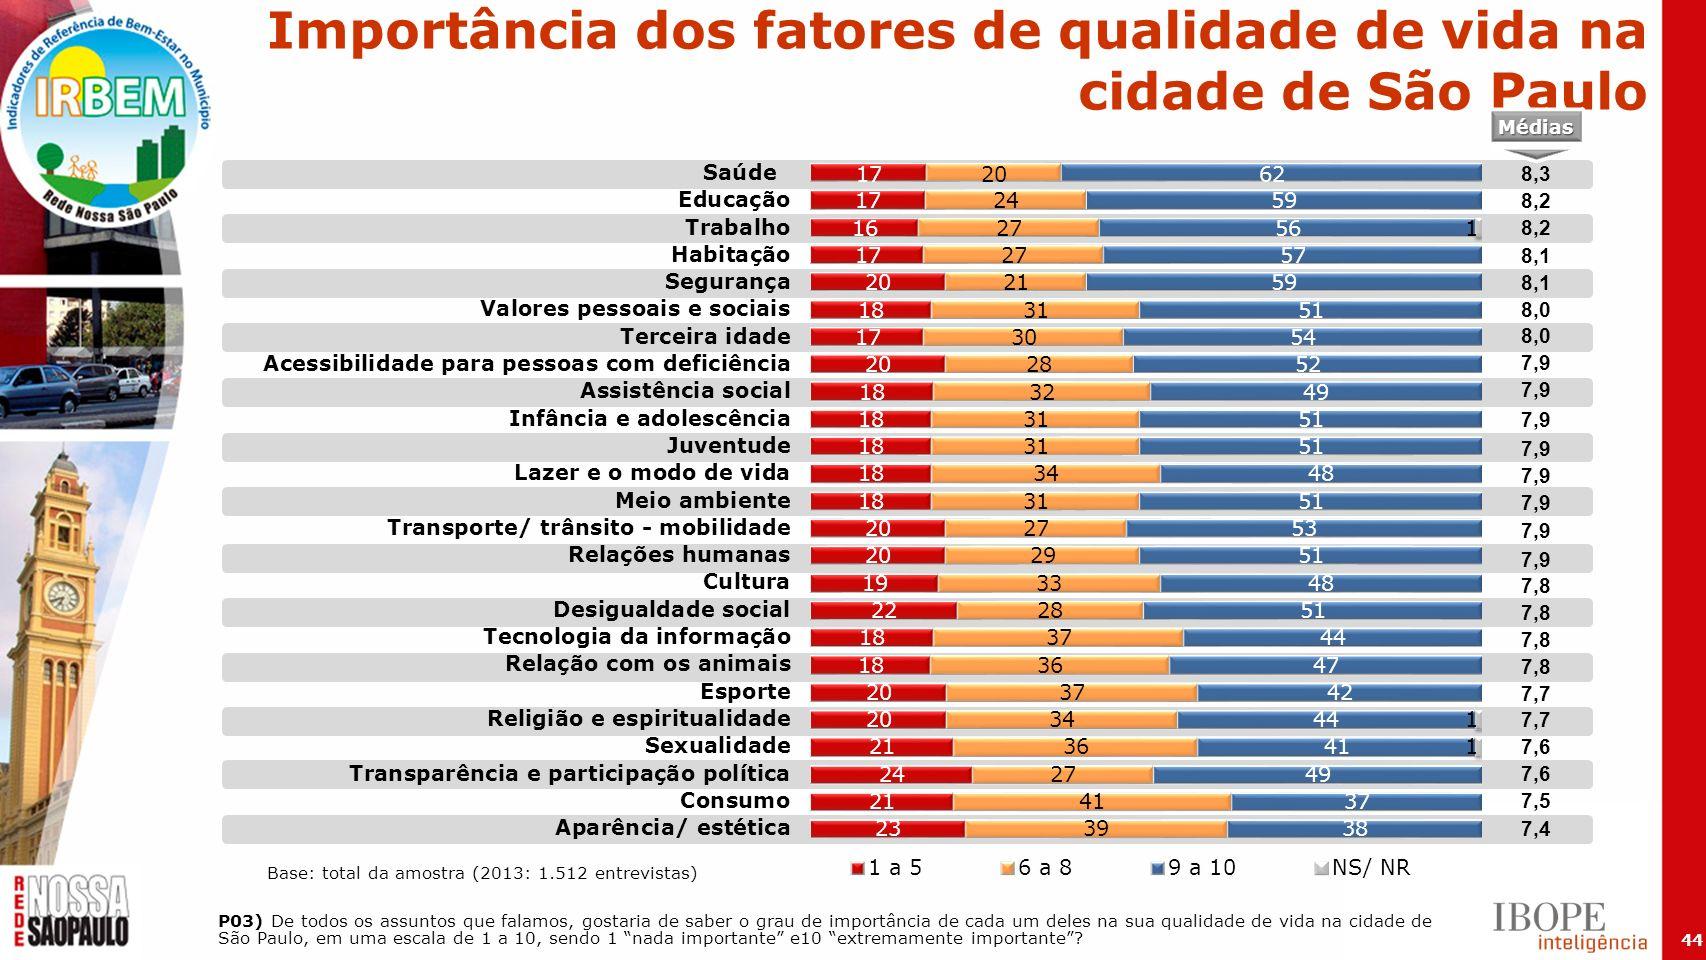 Importância dos fatores de qualidade de vida na cidade de São Paulo